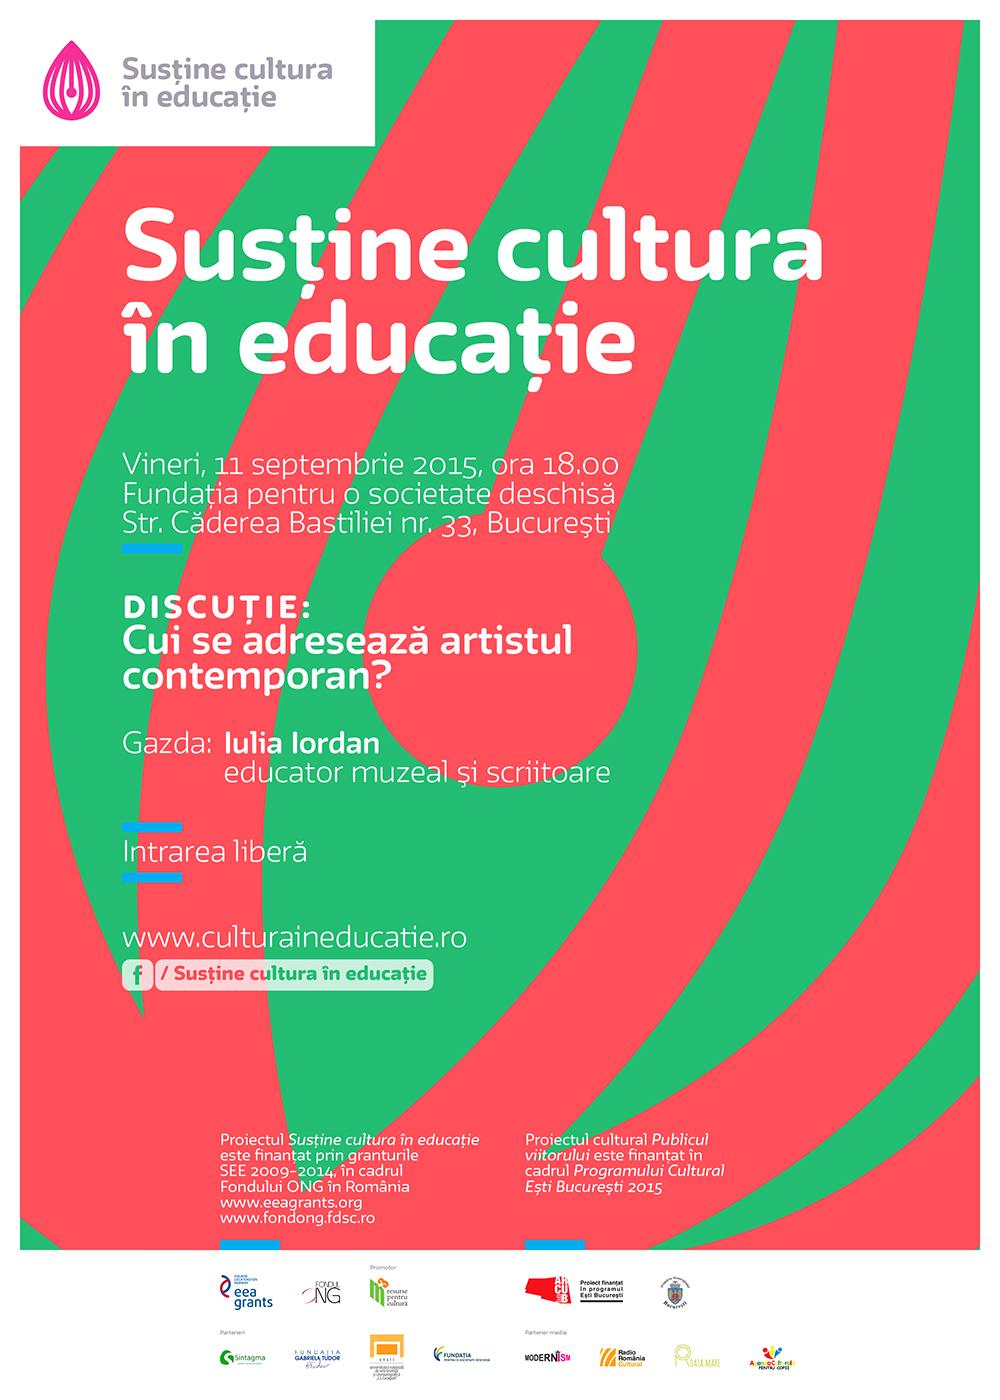 Cui se adresează artistul contemporan? @ Publicul Viitorului & Susține cultura în educație